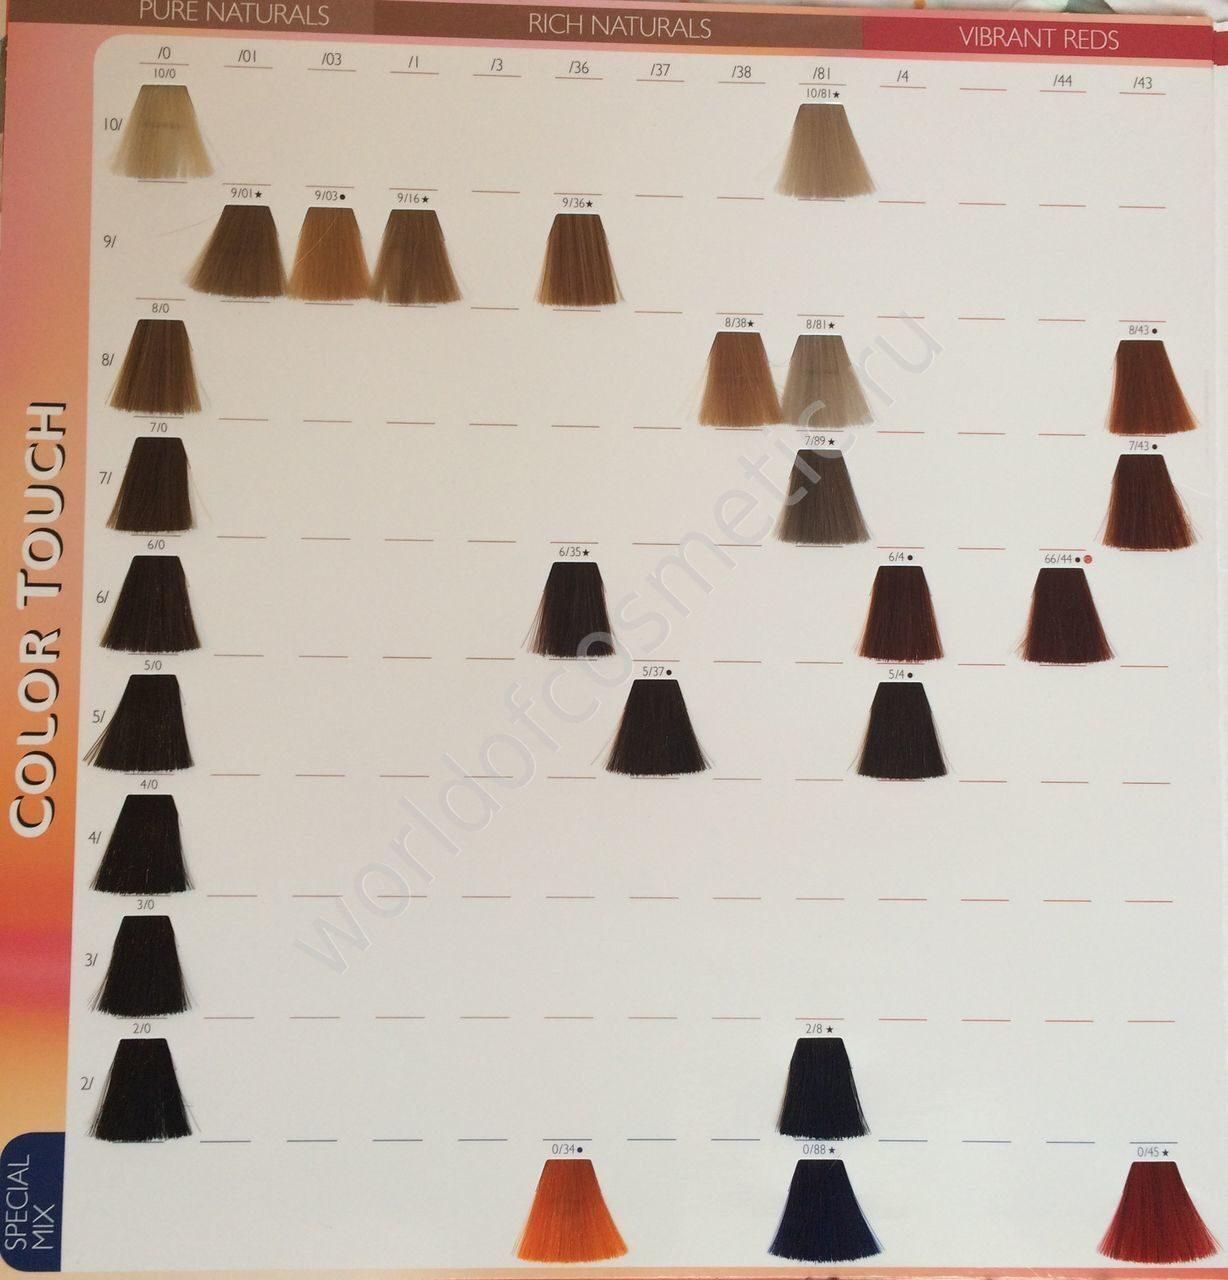 Цветовая палитра оттенков Велла Колестон Всё о красоте 25